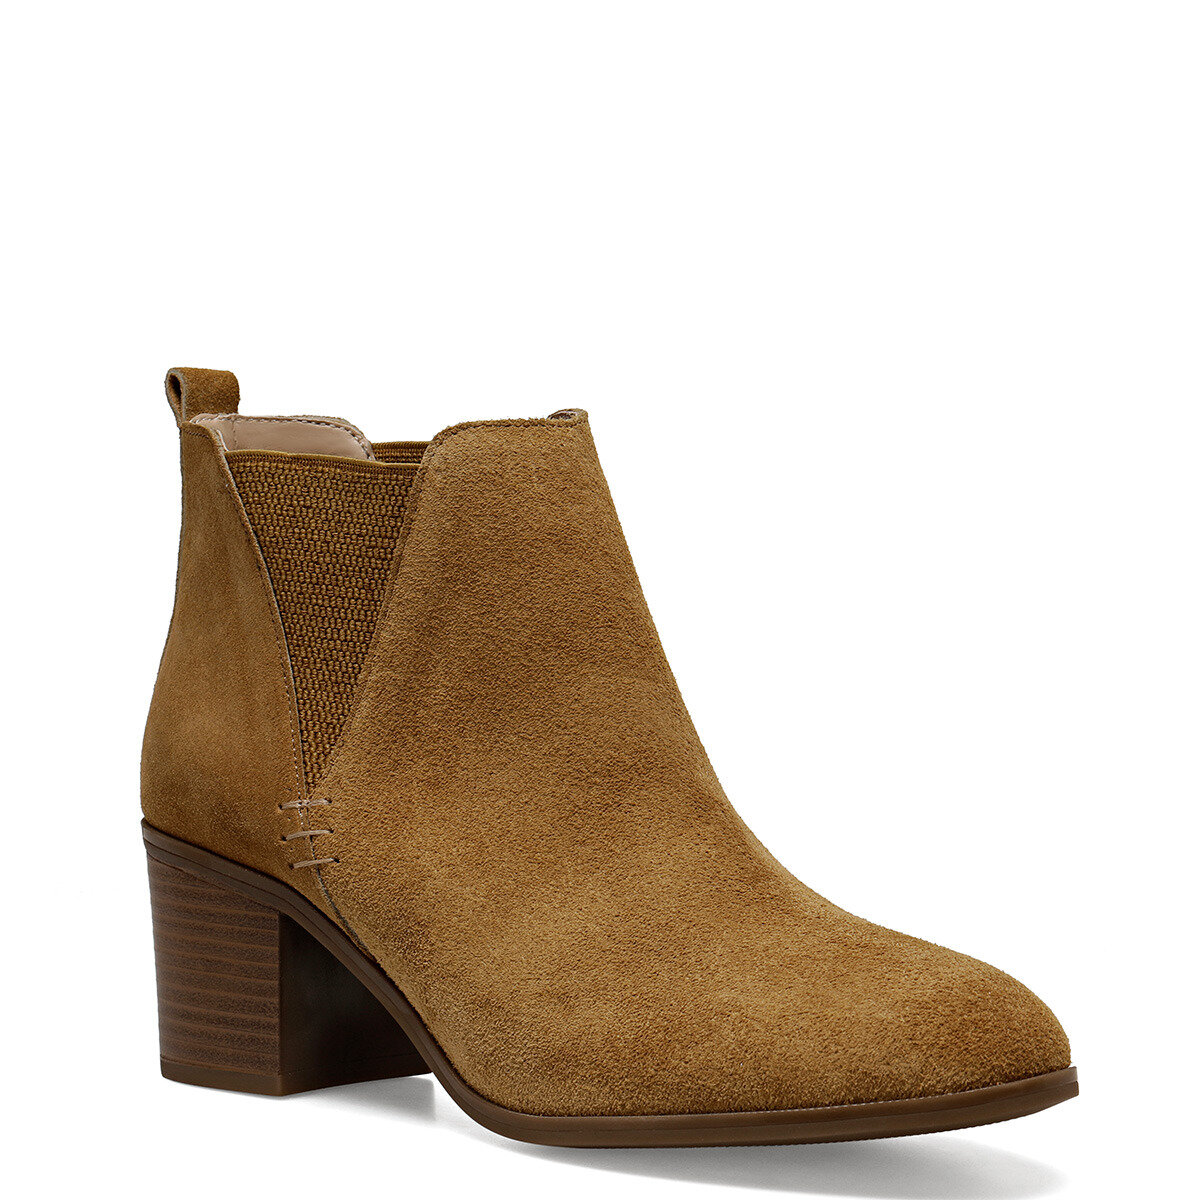 SHELBY Hardal Kadın Topuklu Ayakkabı